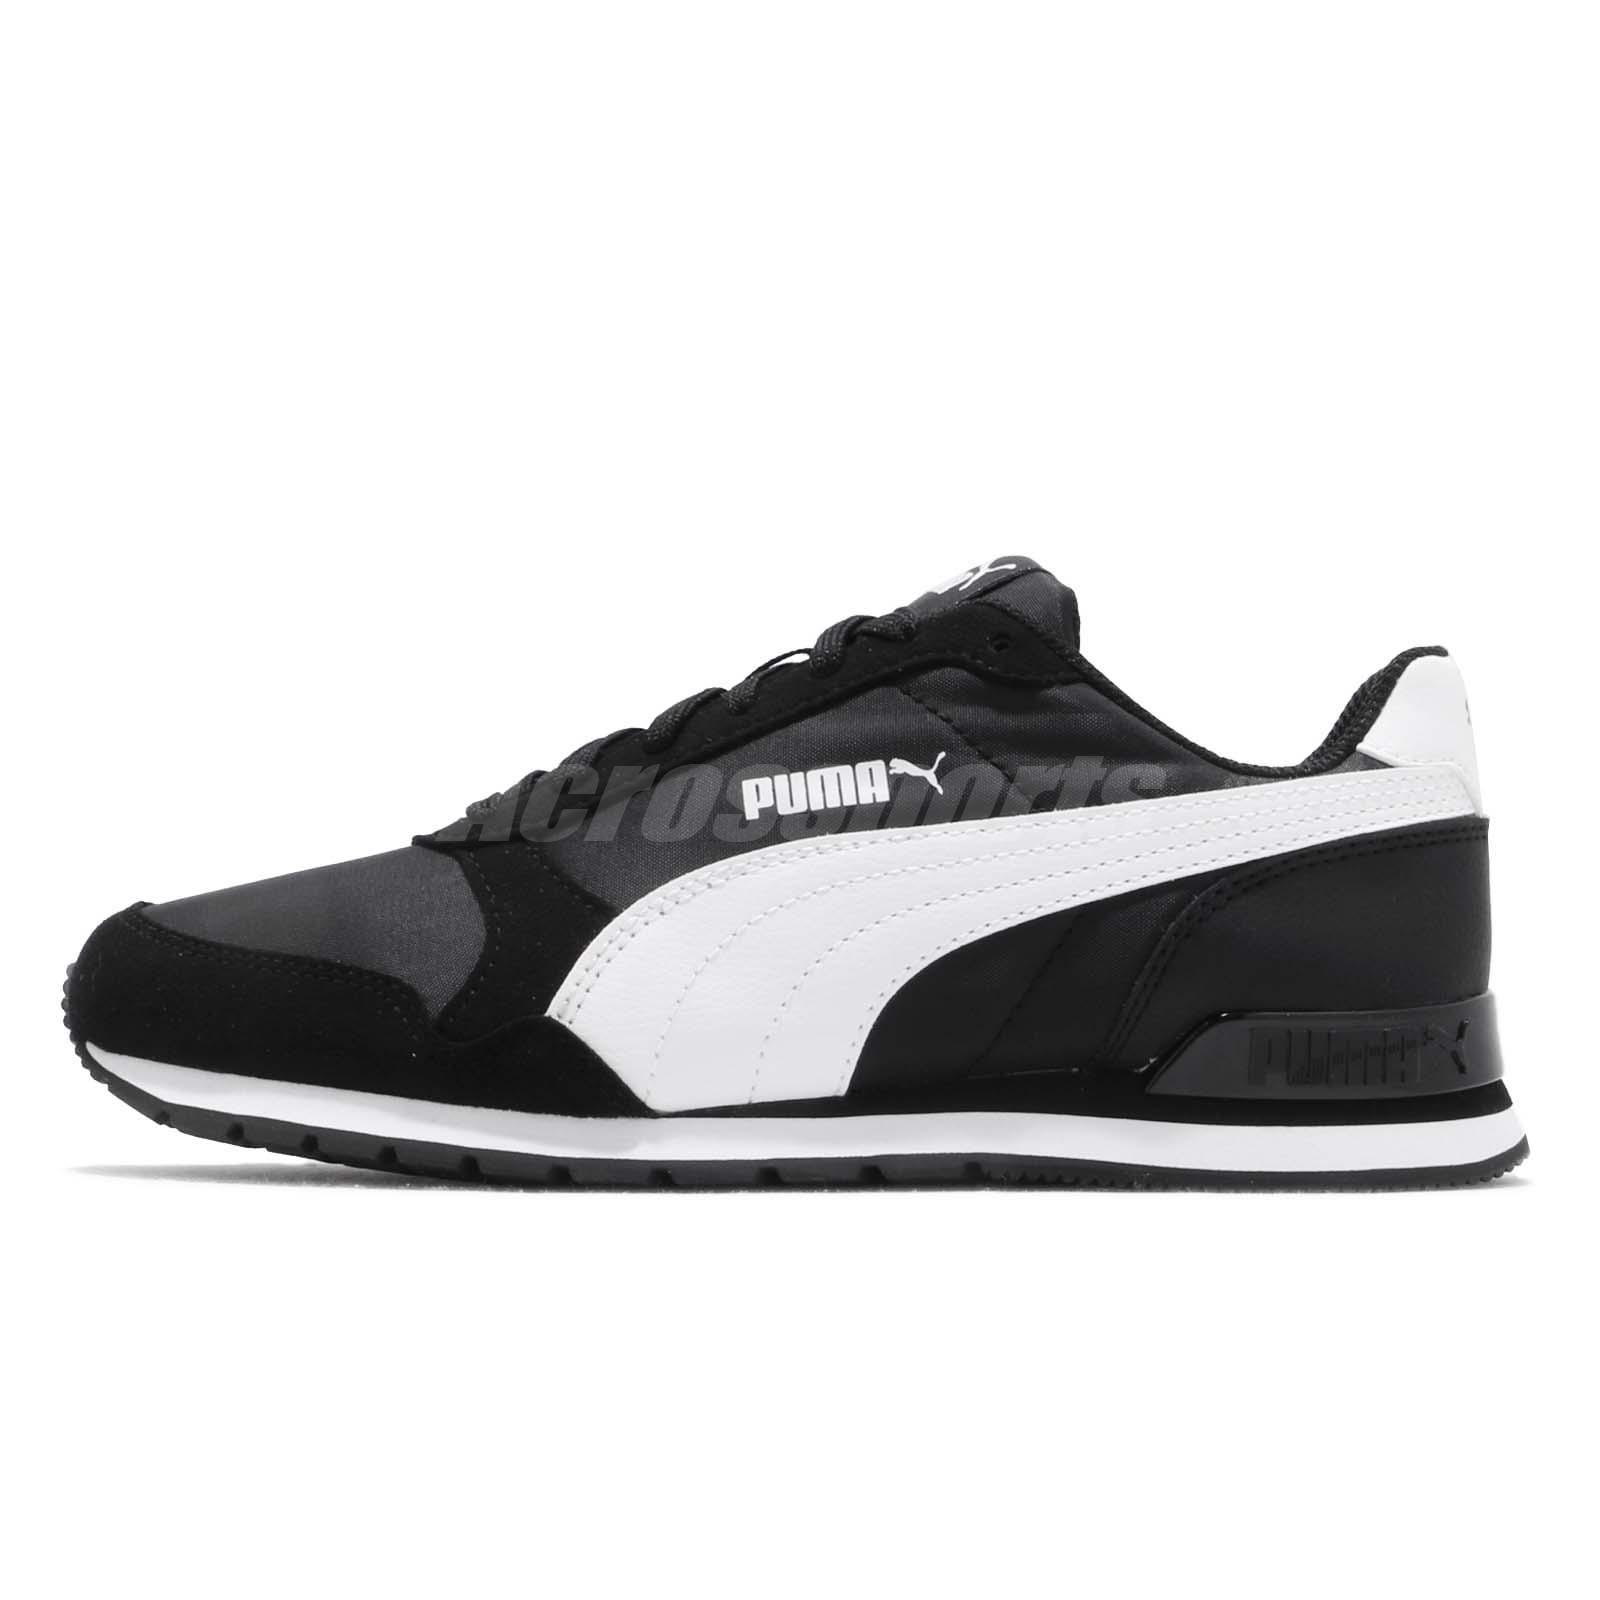 18197df58e9 Details about Puma ST Runner V2 NL Black White Men Women Unisex Running  Casual Shoes 365278-01